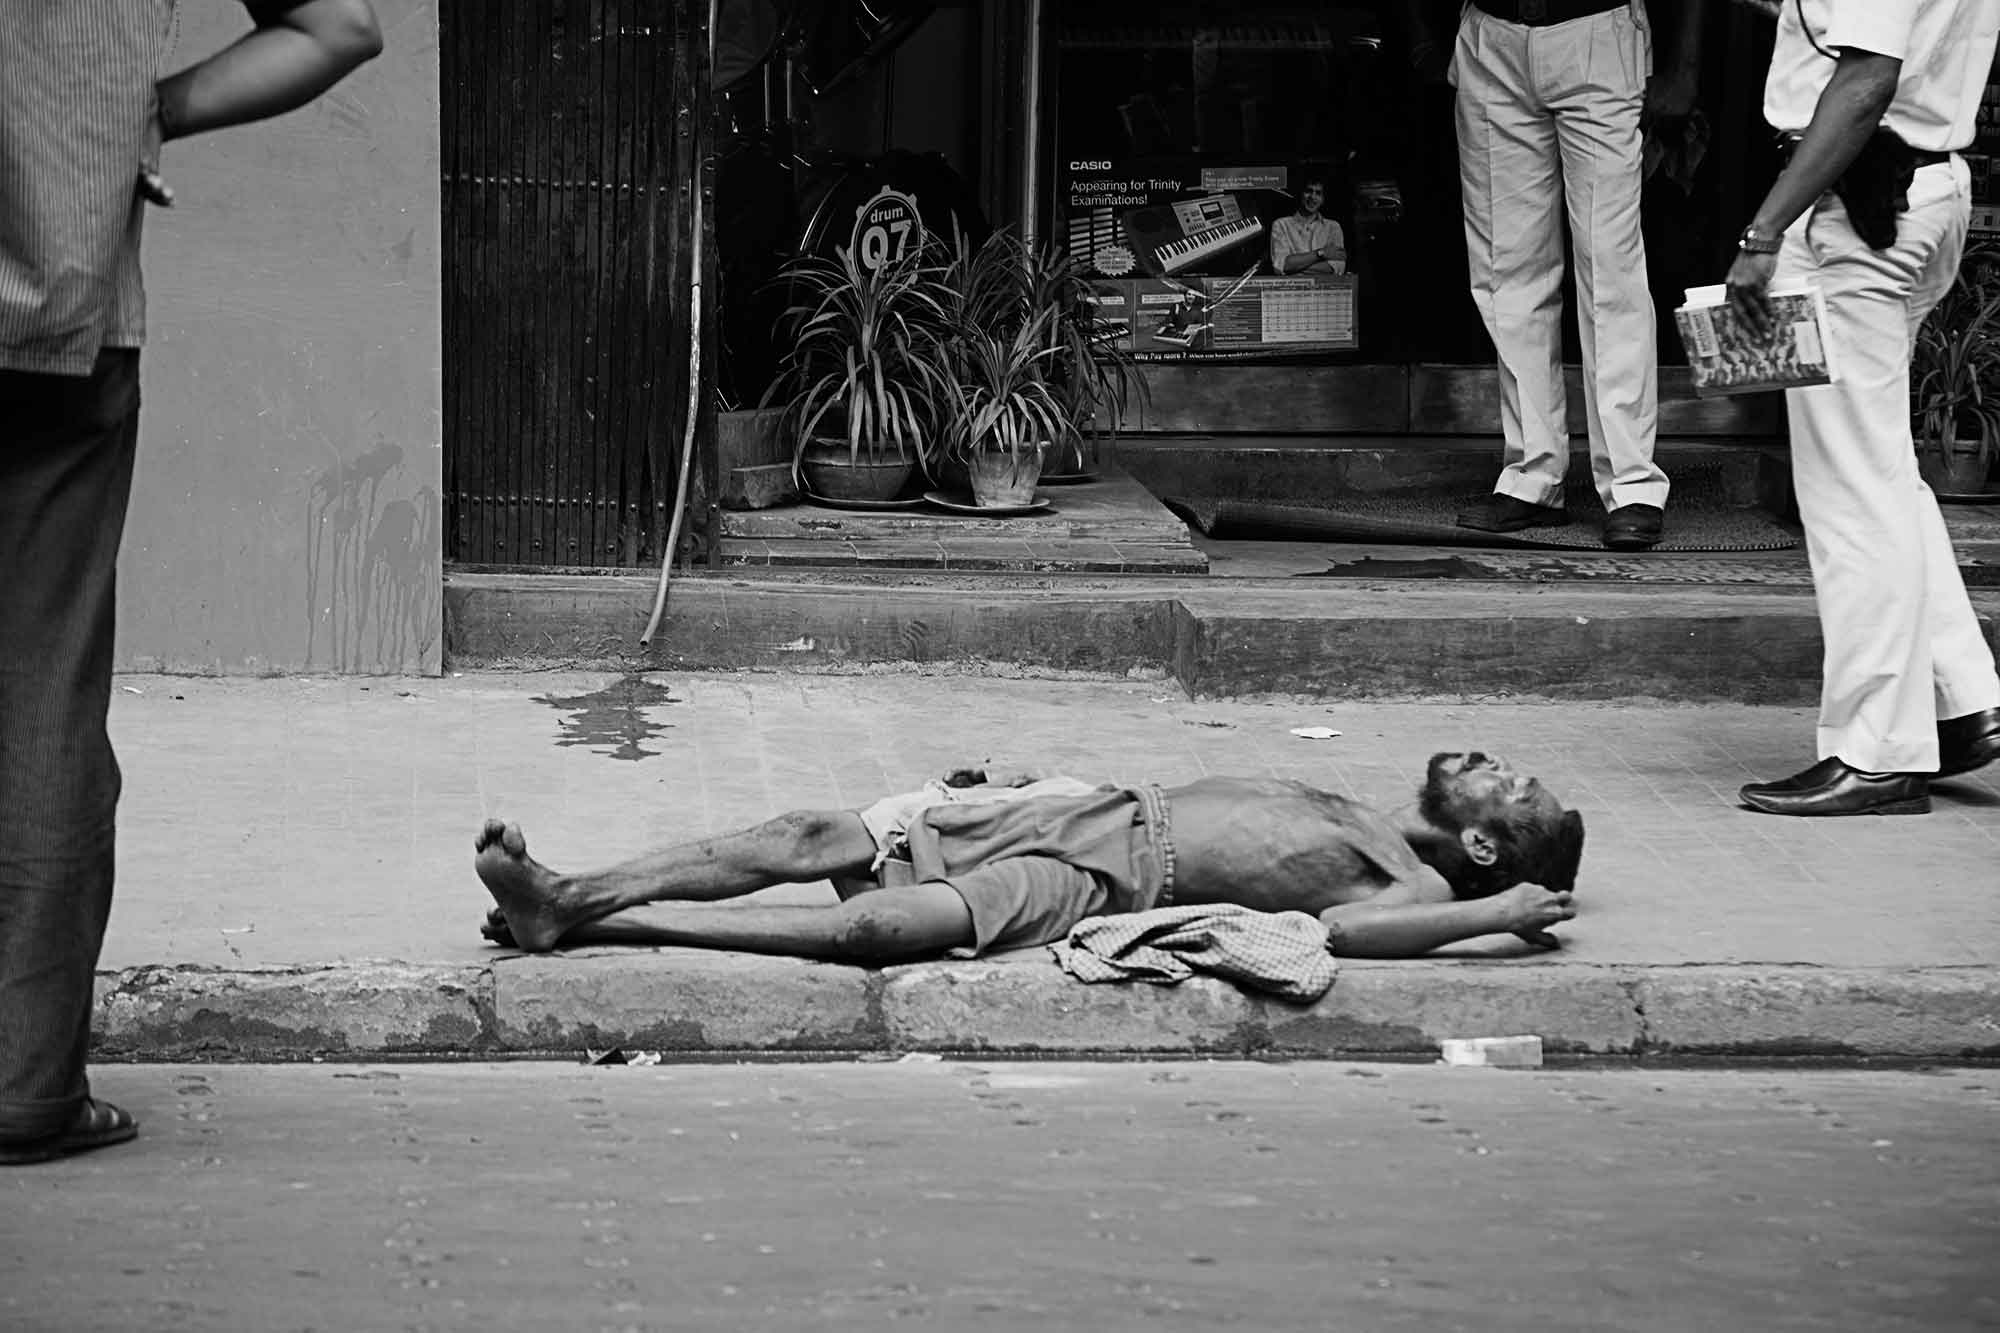 dying-man-streets-kolkata-india